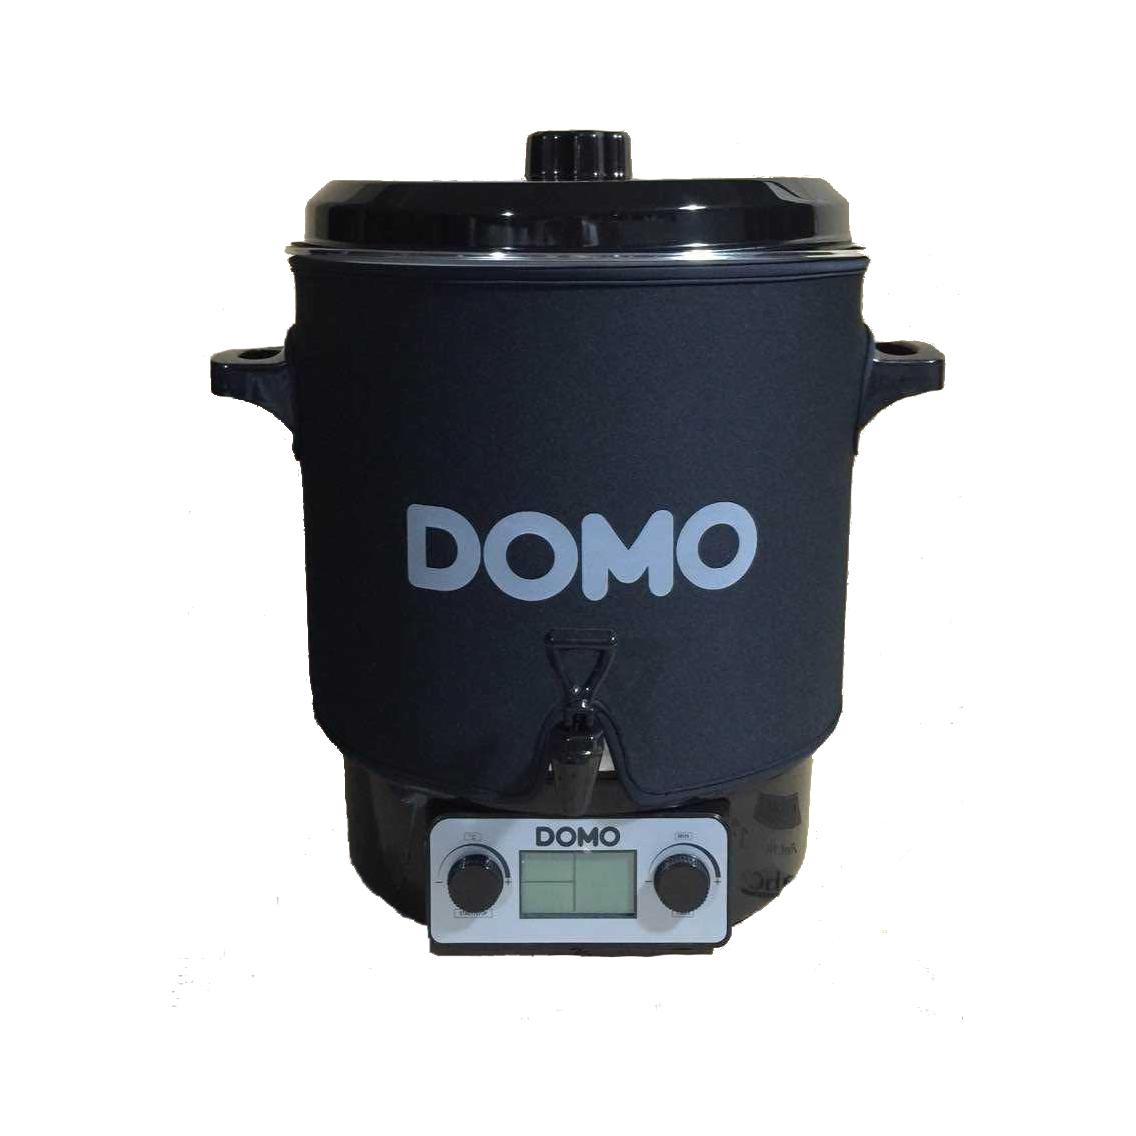 DOMO Zavařovací hrnec nerezový s termoobalem DO42325TO